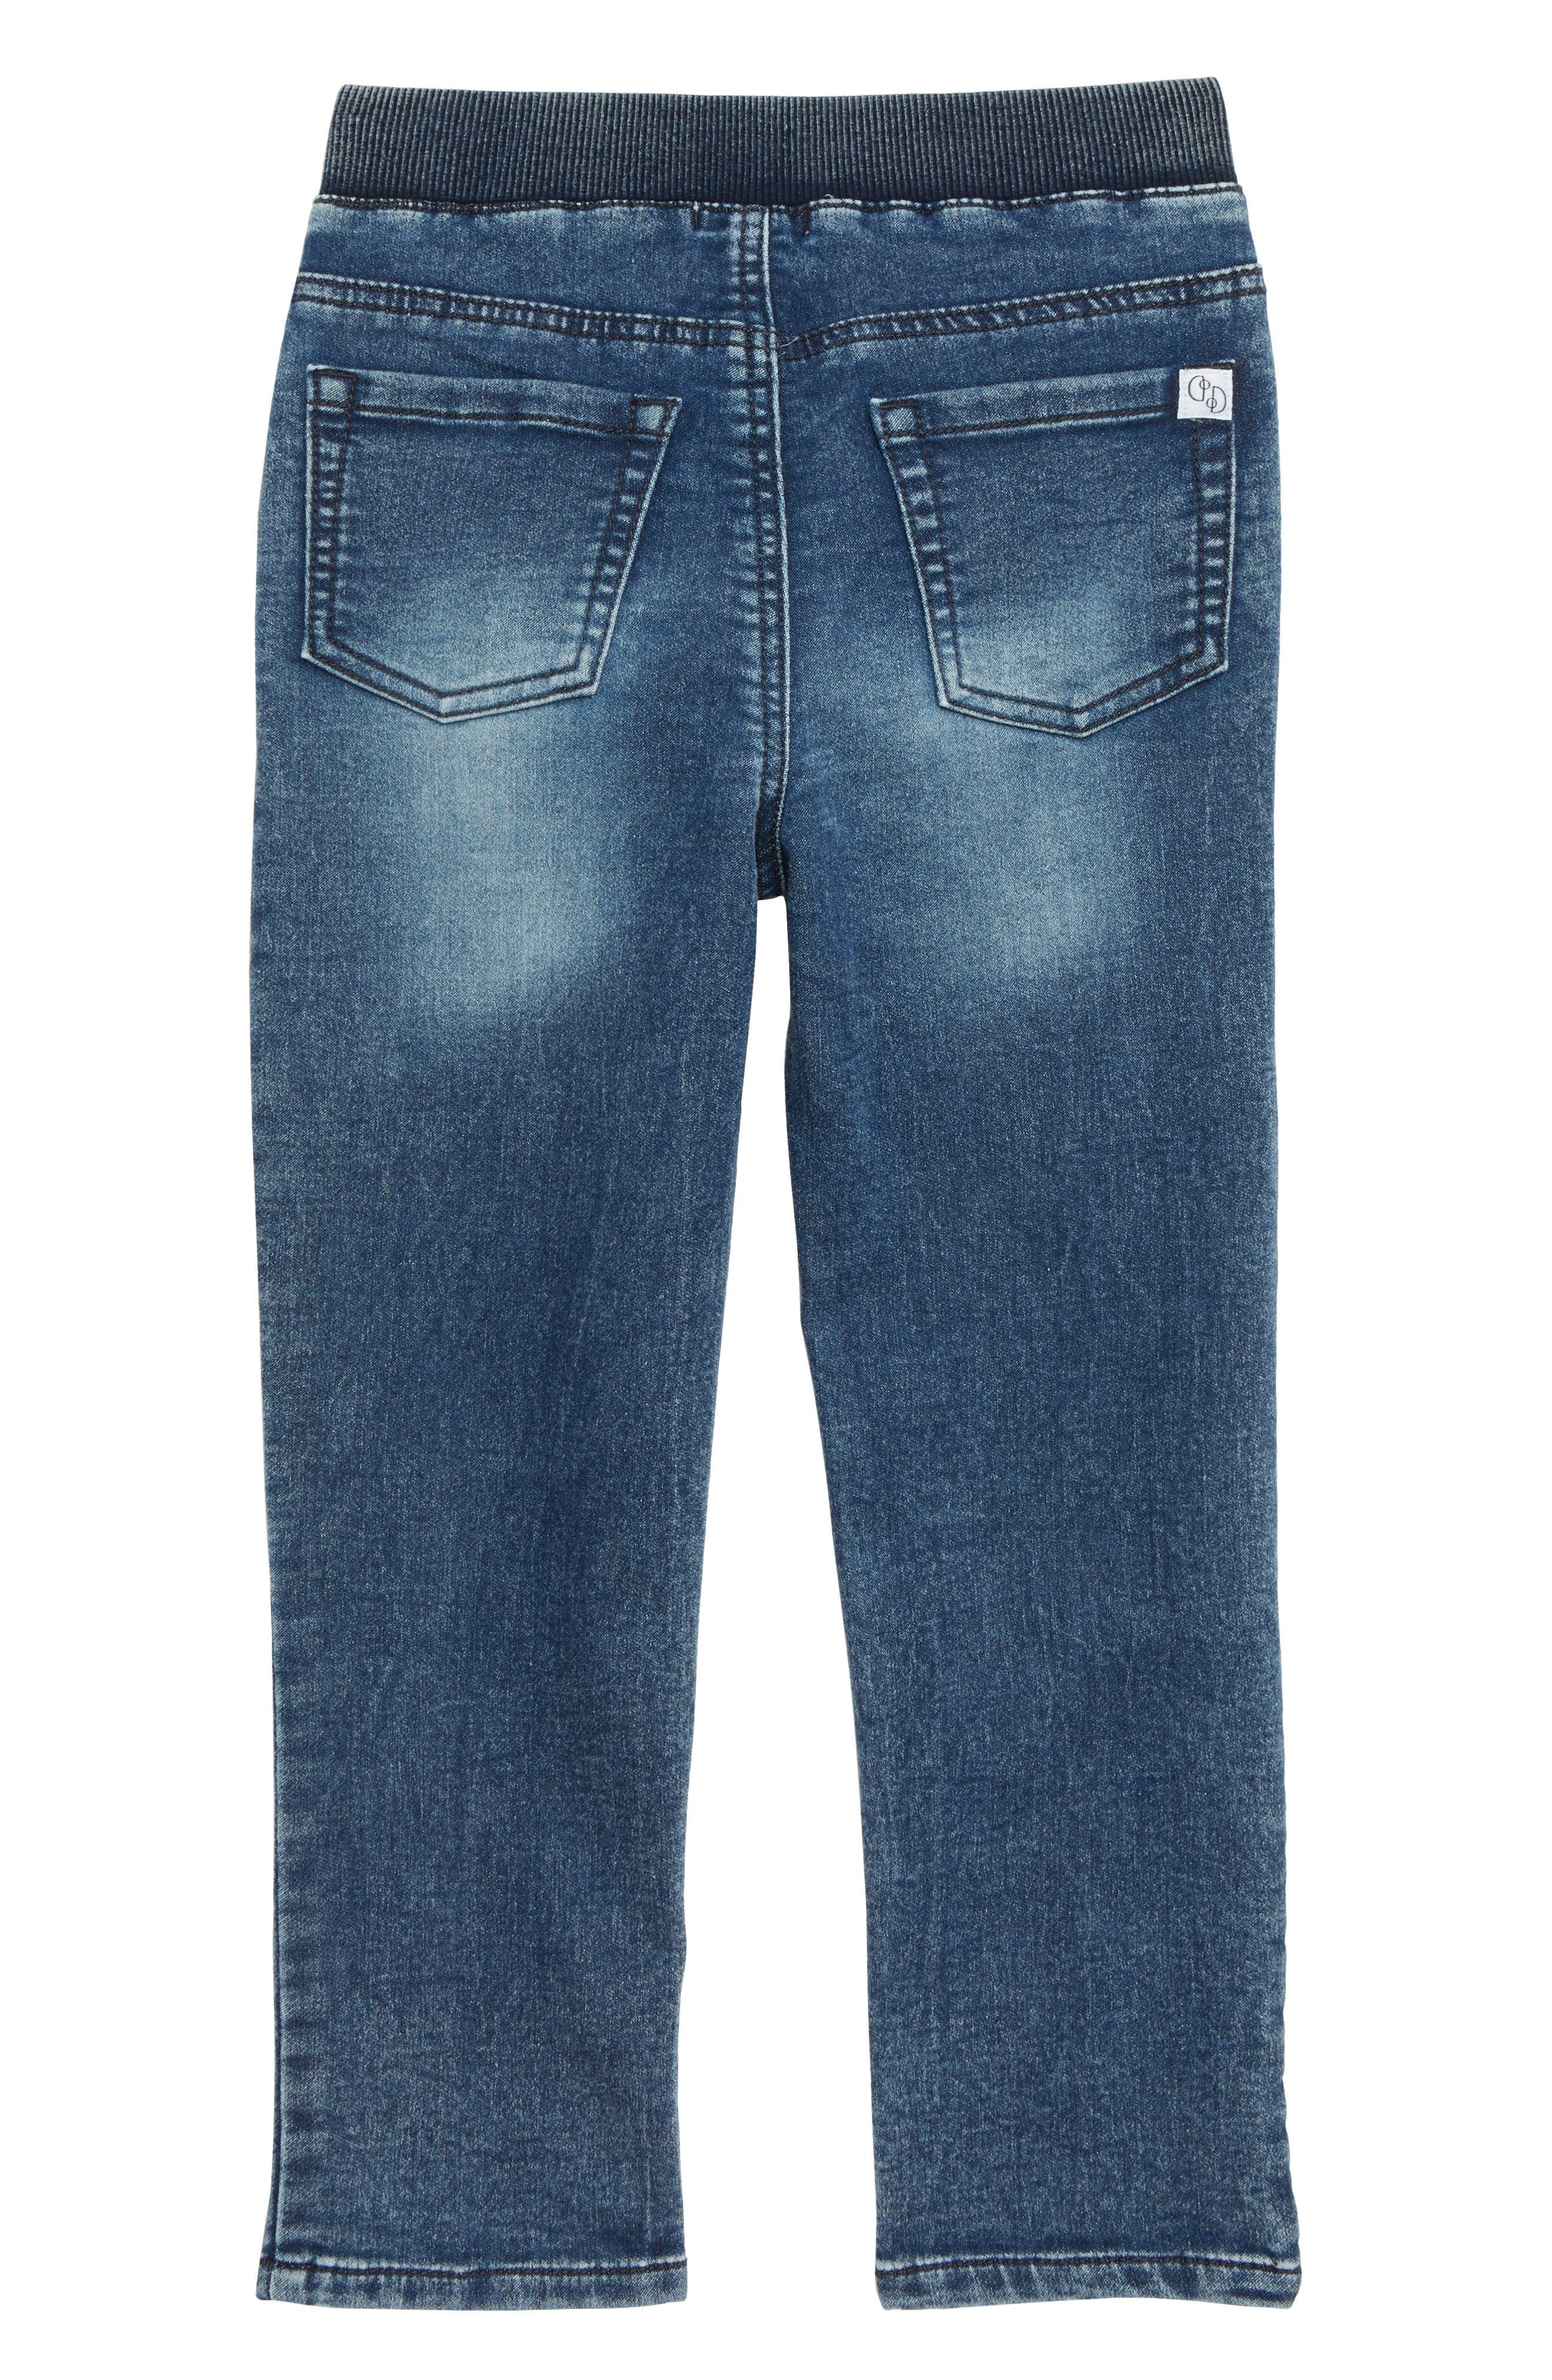 FLAPDOODLES,                             Knit Jeans,                             Alternate thumbnail 2, color,                             488